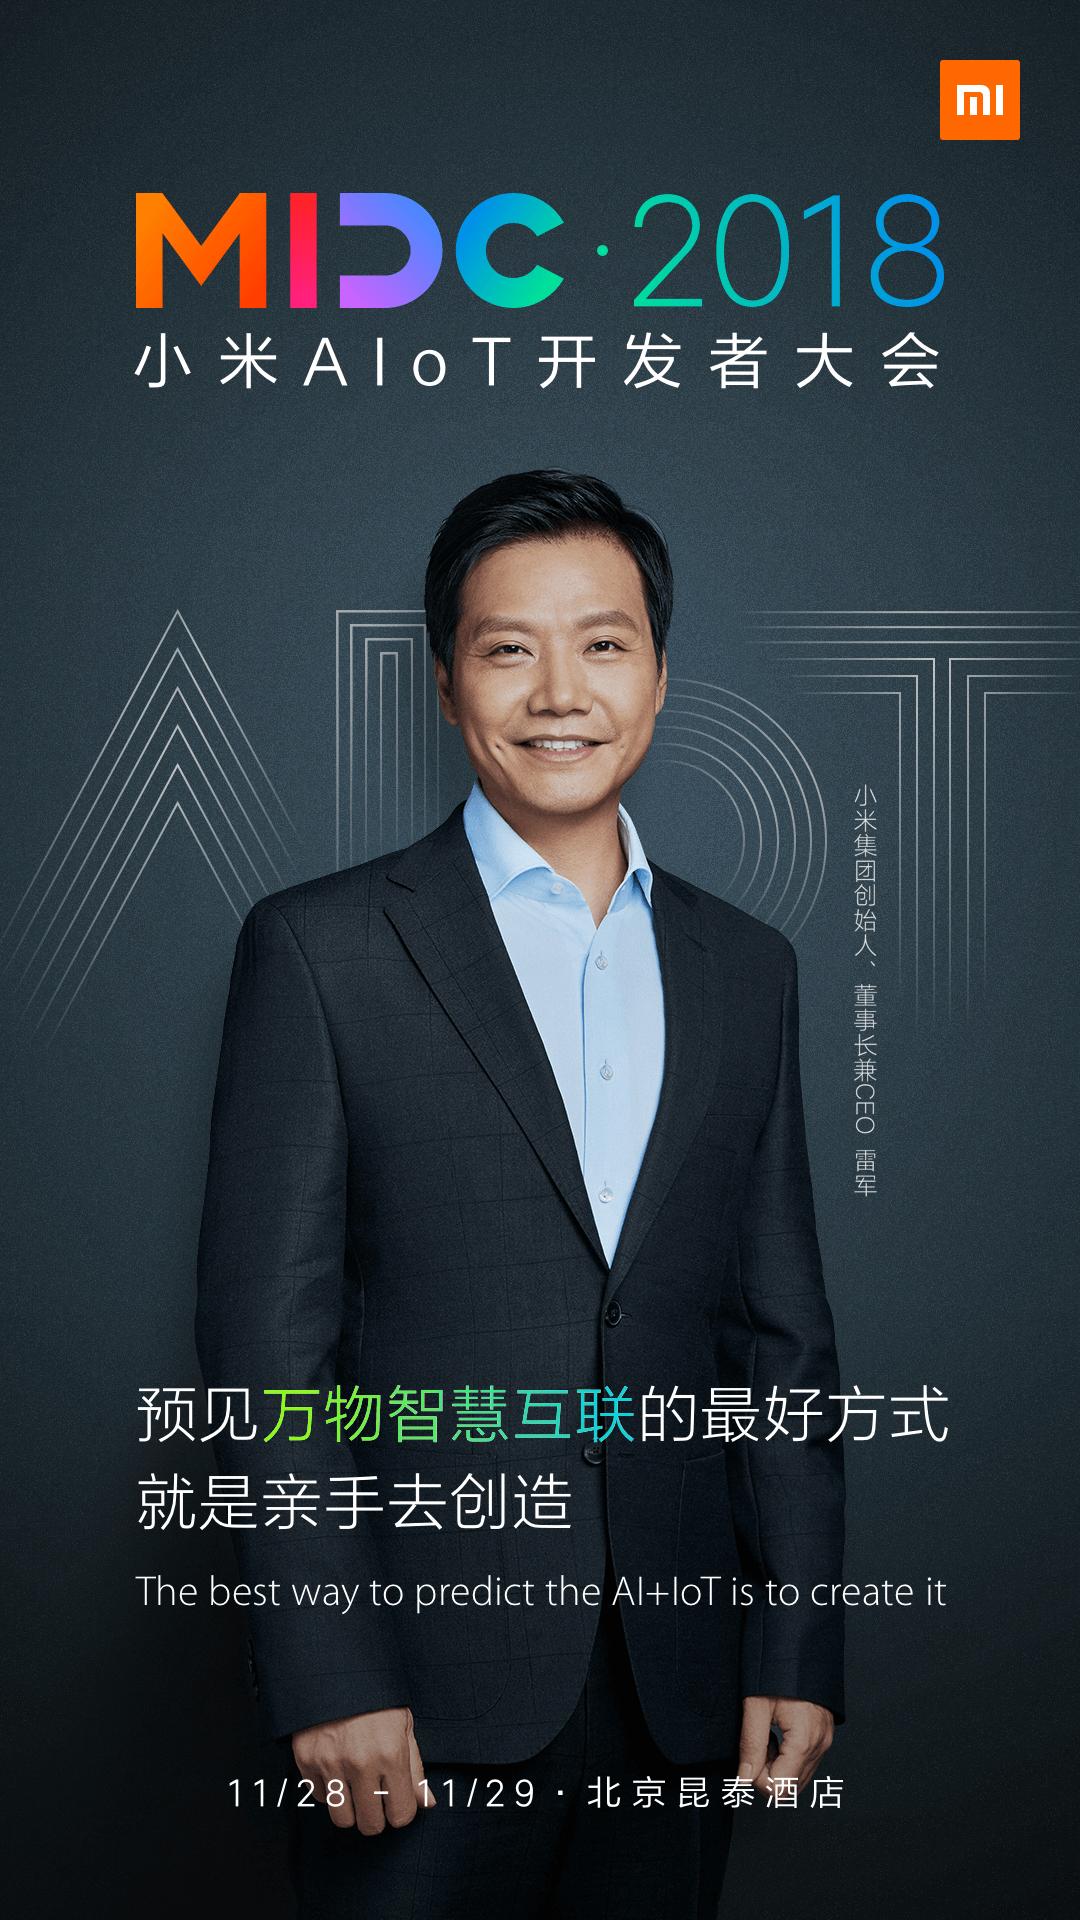 雷军将出席小米AIoT开发者大会 详解小米AI+Iot核心战略